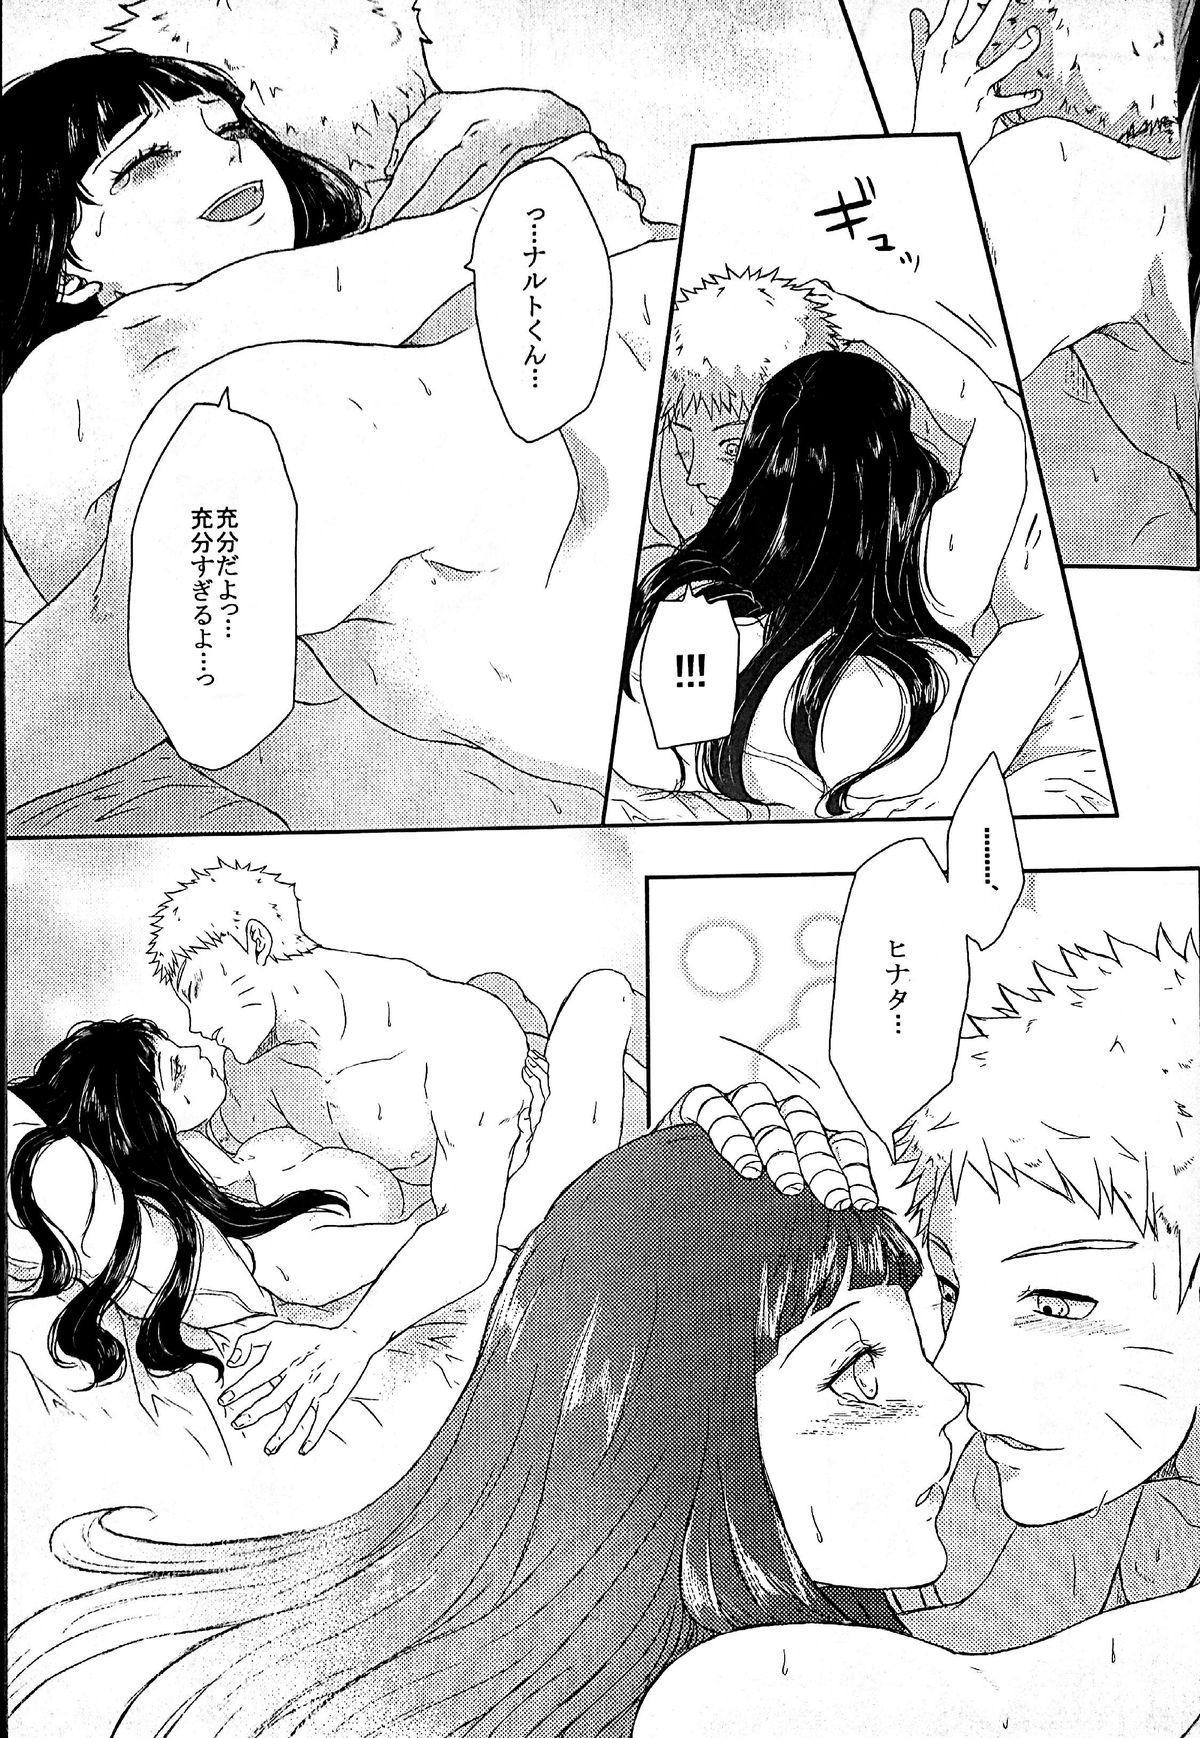 Naruto-kun no Ecchi!! 5